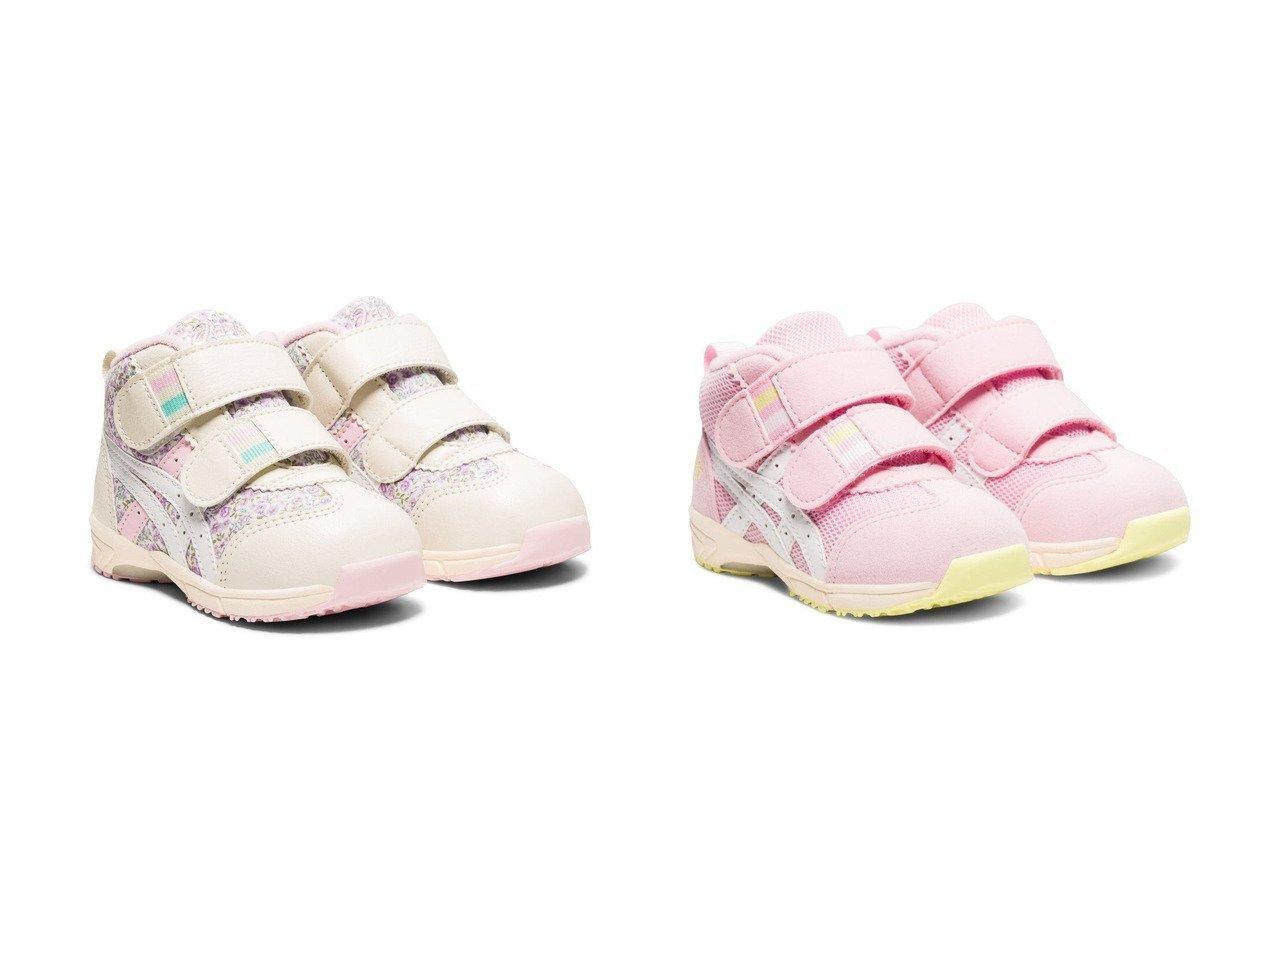 【ASICS WALKING / KIDS/アシックス ランウォーク】のGD.RUNNER BABY CT-MID 4&GD.RUNNER BABY MS-MID 【KIDS】子供服のおすすめ!人気トレンド・キッズファッションの通販 おすすめで人気の流行・トレンド、ファッションの通販商品 メンズファッション・キッズファッション・インテリア・家具・レディースファッション・服の通販 founy(ファニー) https://founy.com/ ファッション Fashion キッズファッション KIDS ウォーター 抗菌 シューズ スニーカー フィット メッシュ ラッセル 送料無料 Free Shipping |ID:crp329100000030715